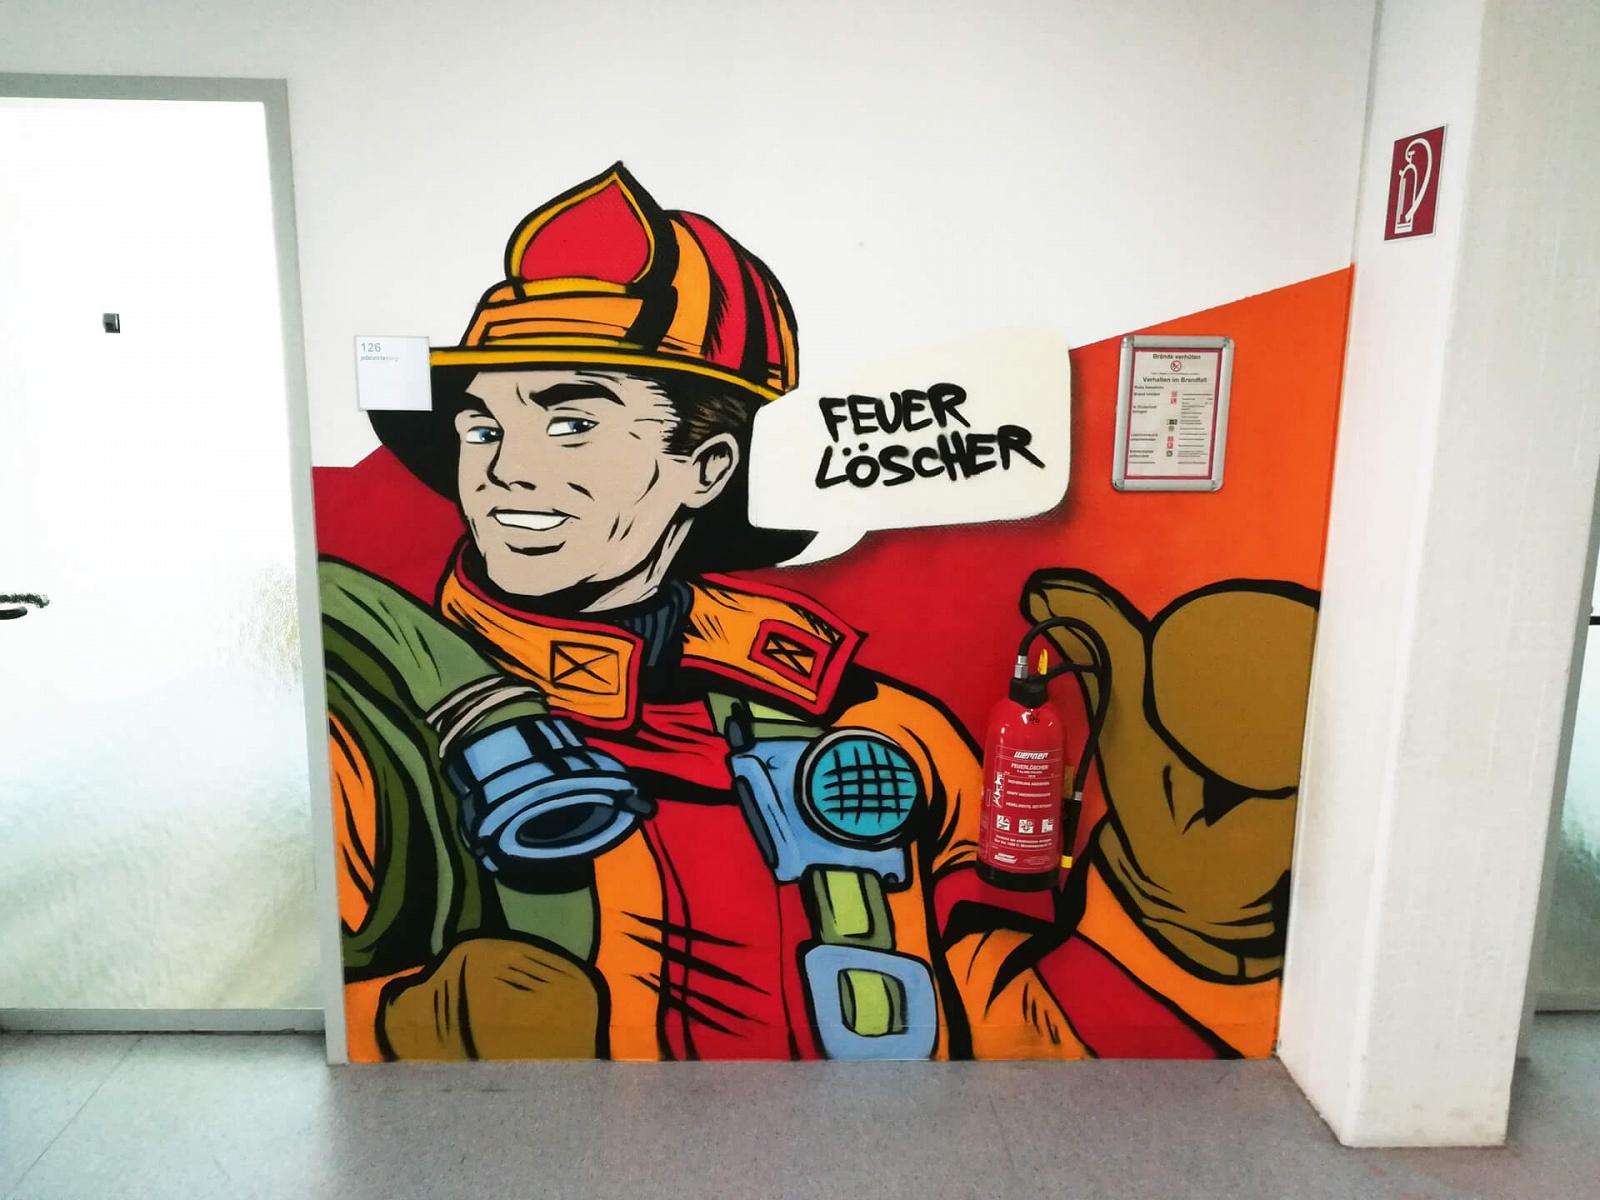 Feuerwehrmann Graffiti Job Center Oberhausen